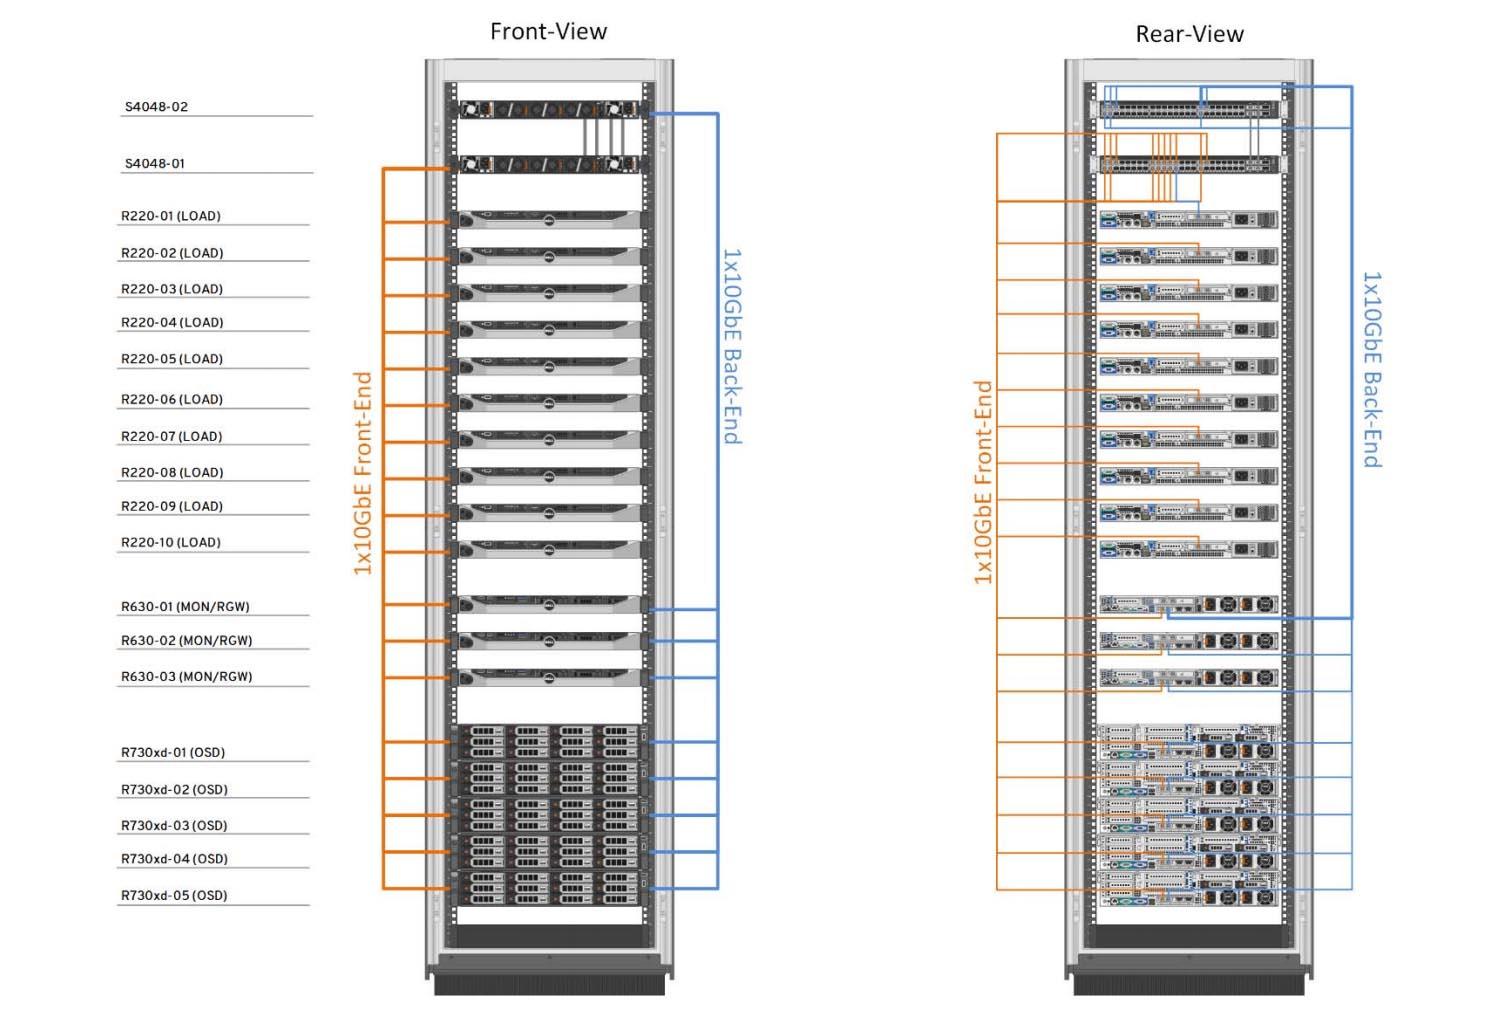 Как построить инфраструктуру корп. класса c применением серверов Dell R730xd Е5-2650 v4 стоимостью 9000 евро за копейки? - 12